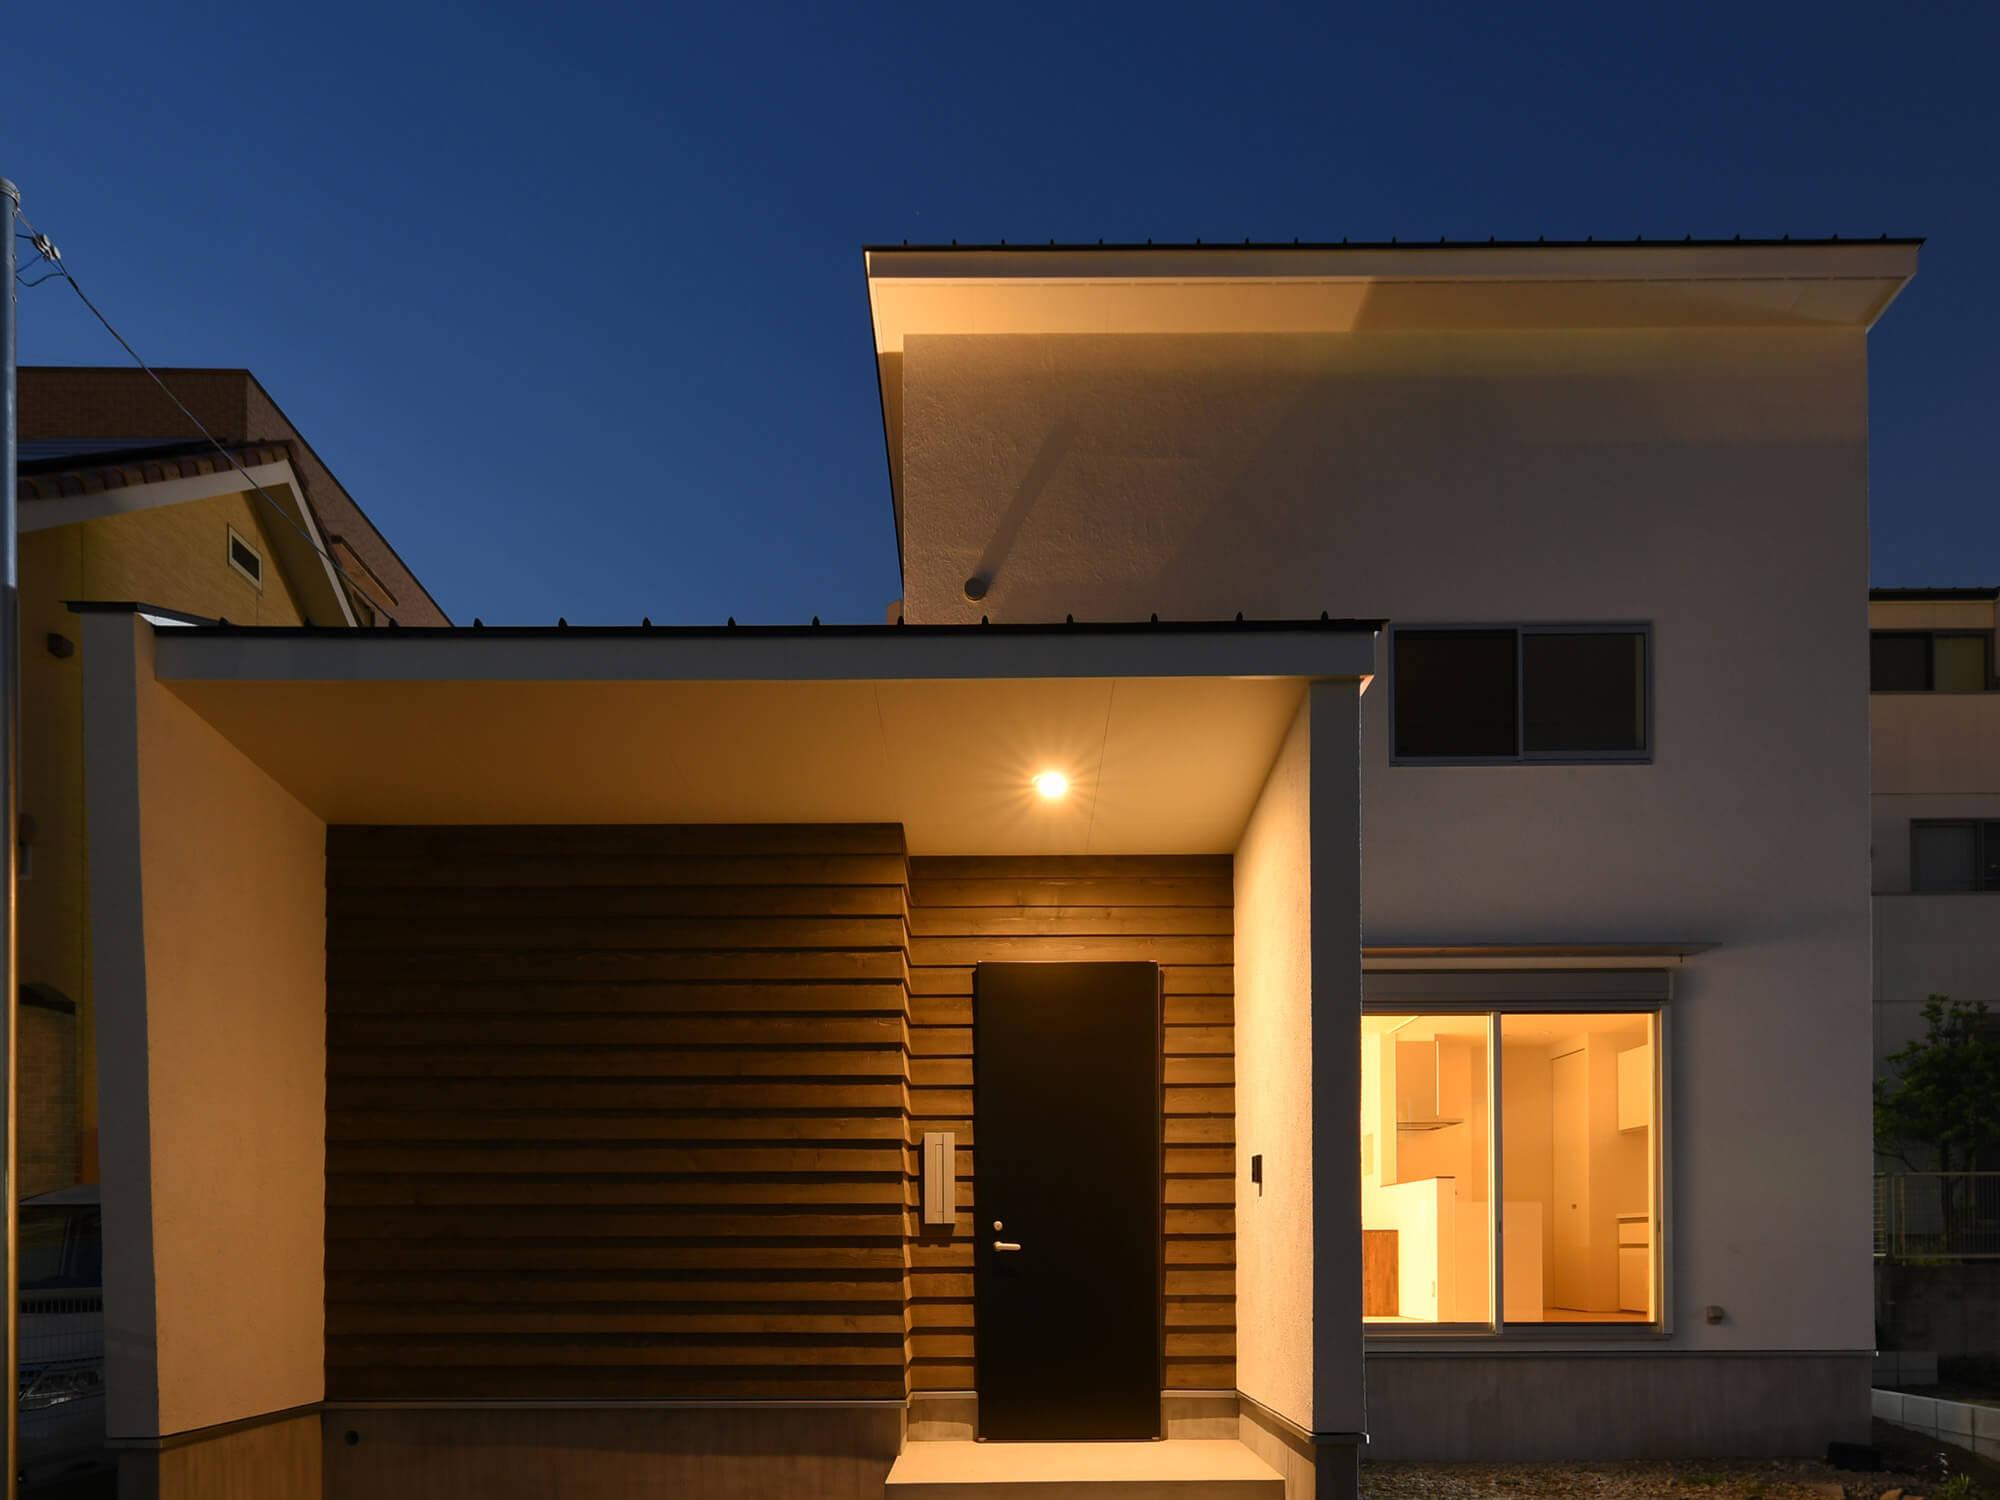 戸田の家01|名古屋市中川区|建築家×工務店のNatureスペース注文住宅施工事例